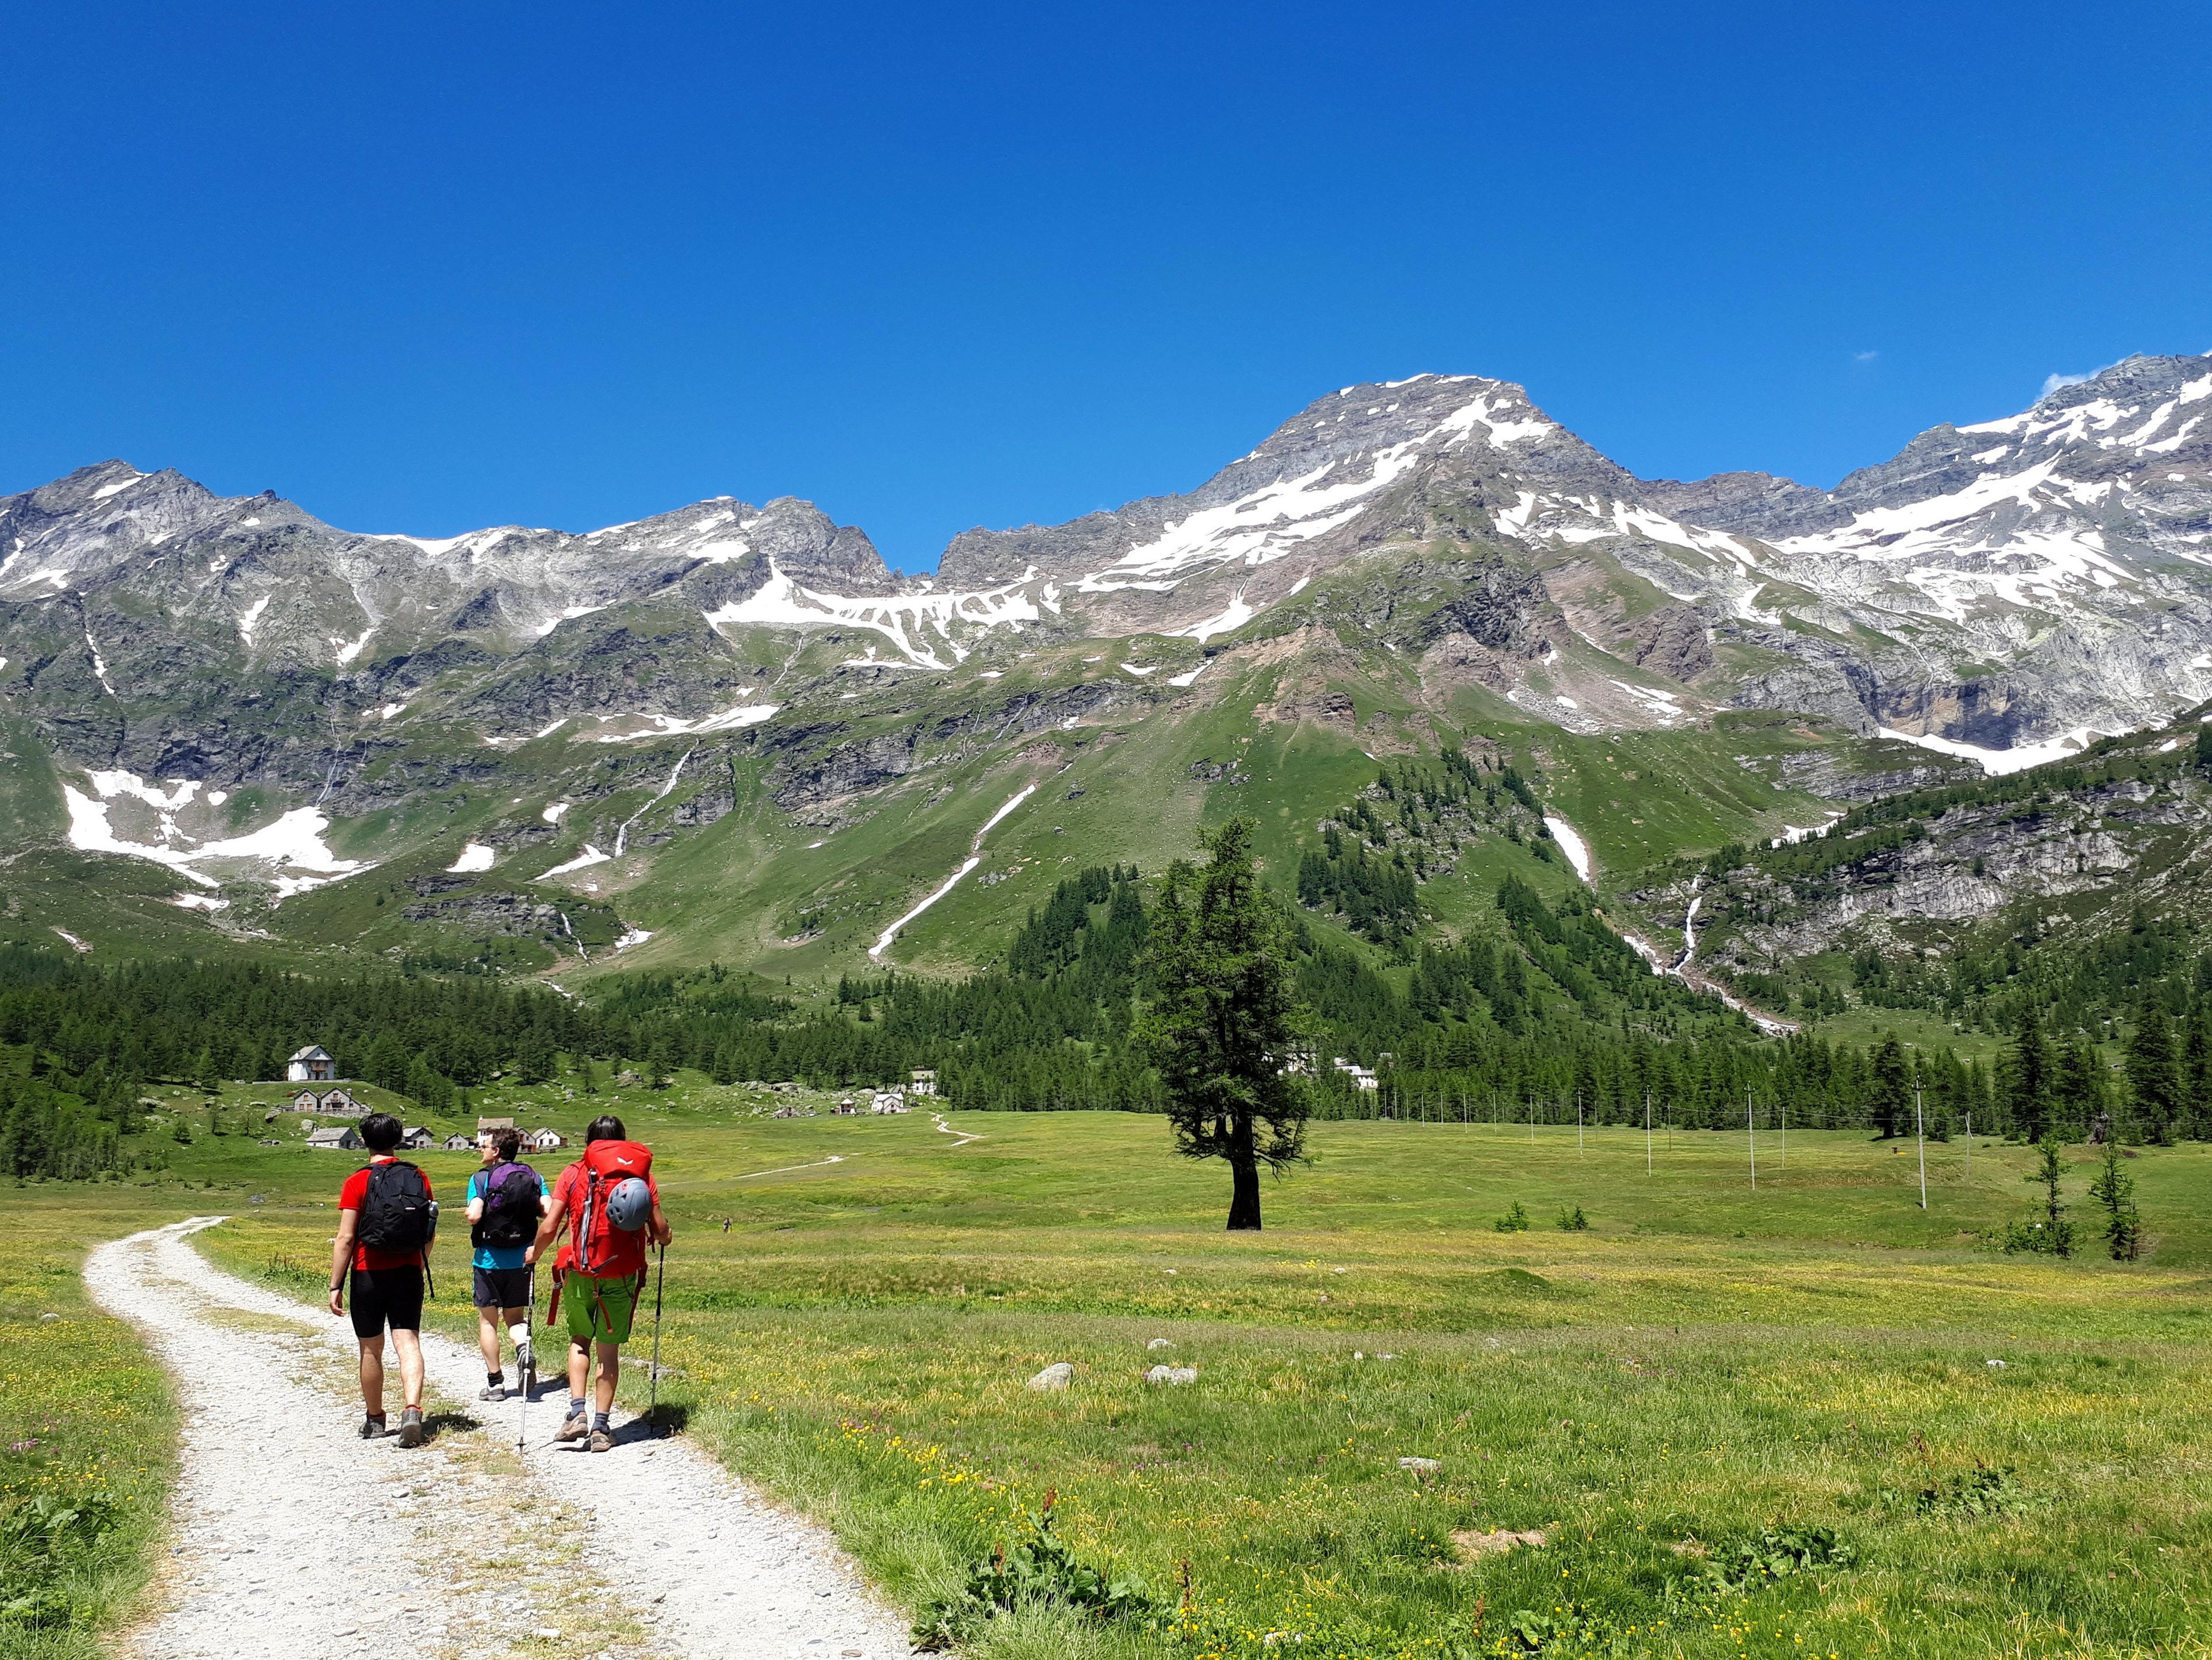 sulla piana di Veglia, in cammino verso l'Albergo Alpino che ospiterà tutta la famiglia